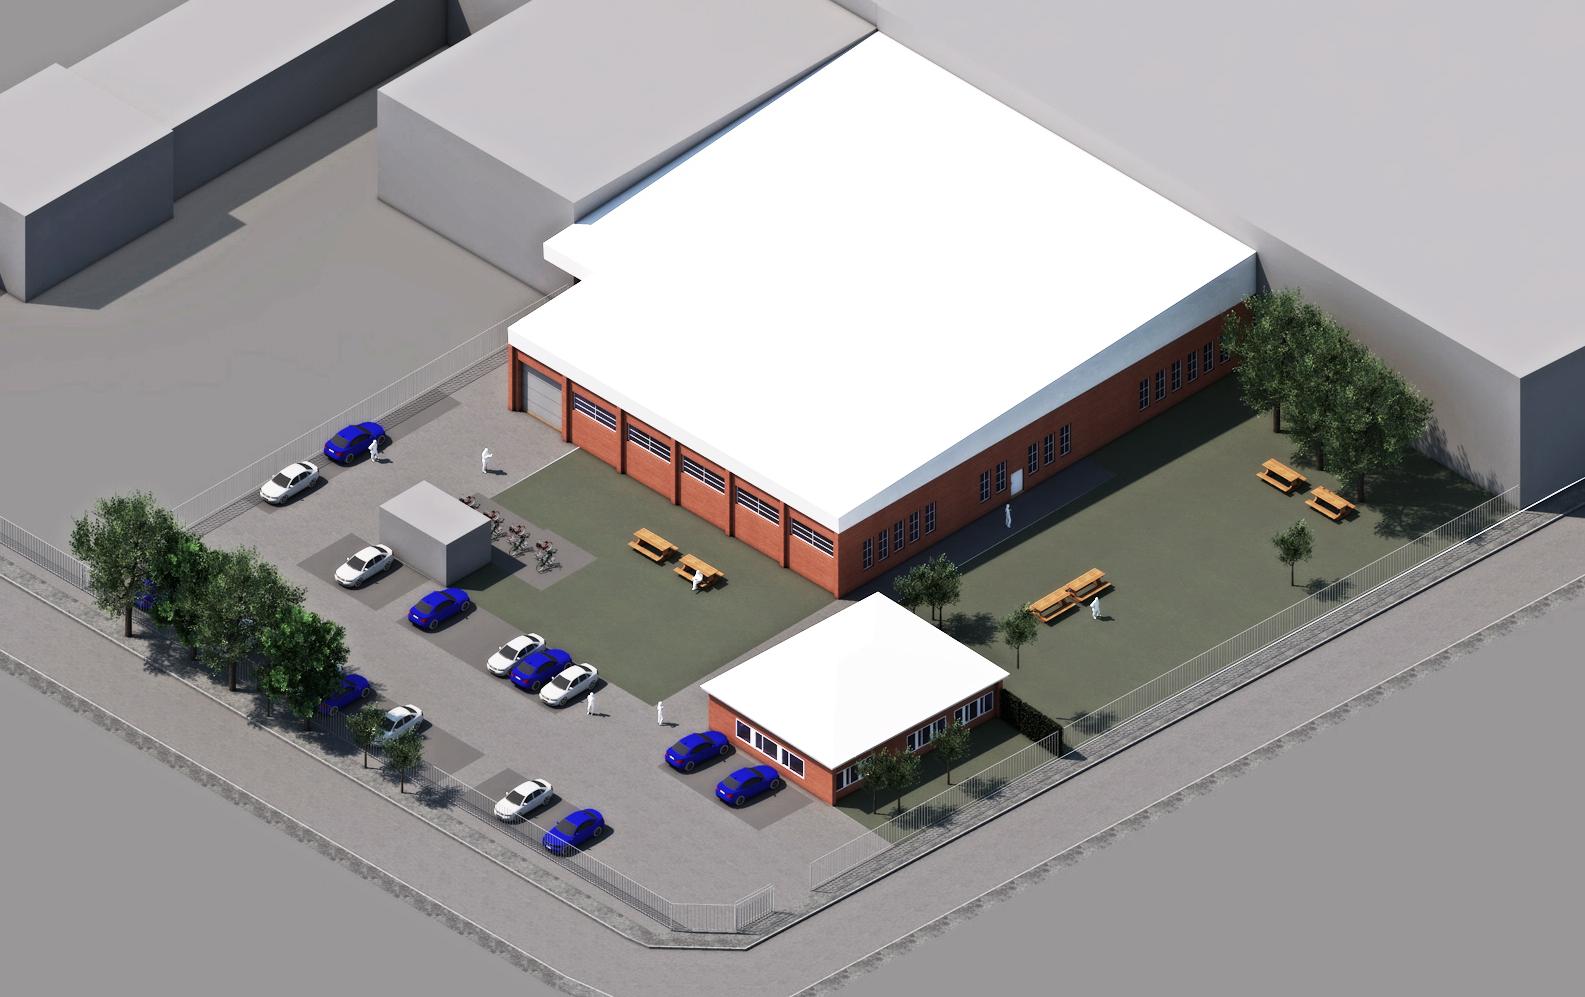 Umbau einer Gewerbehalle zu einer Boulderhalle